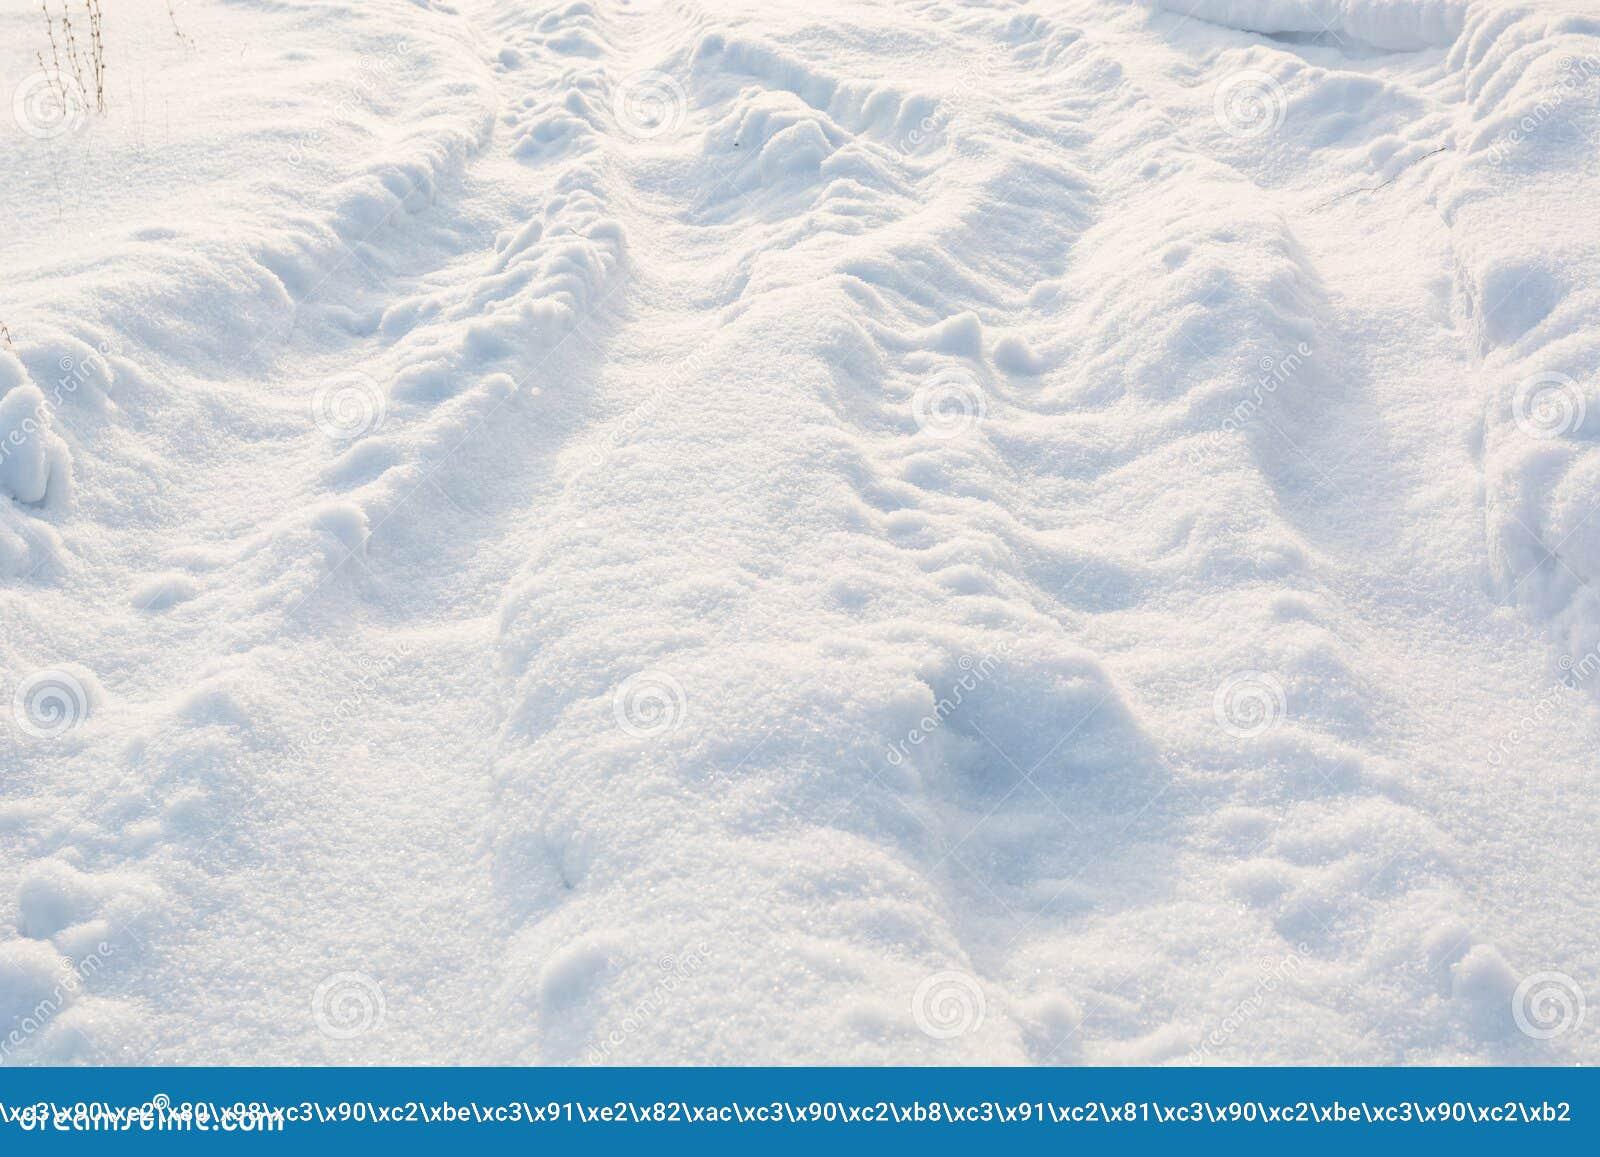 Väg i vinter på snö Enkla snöig däckspår - stående